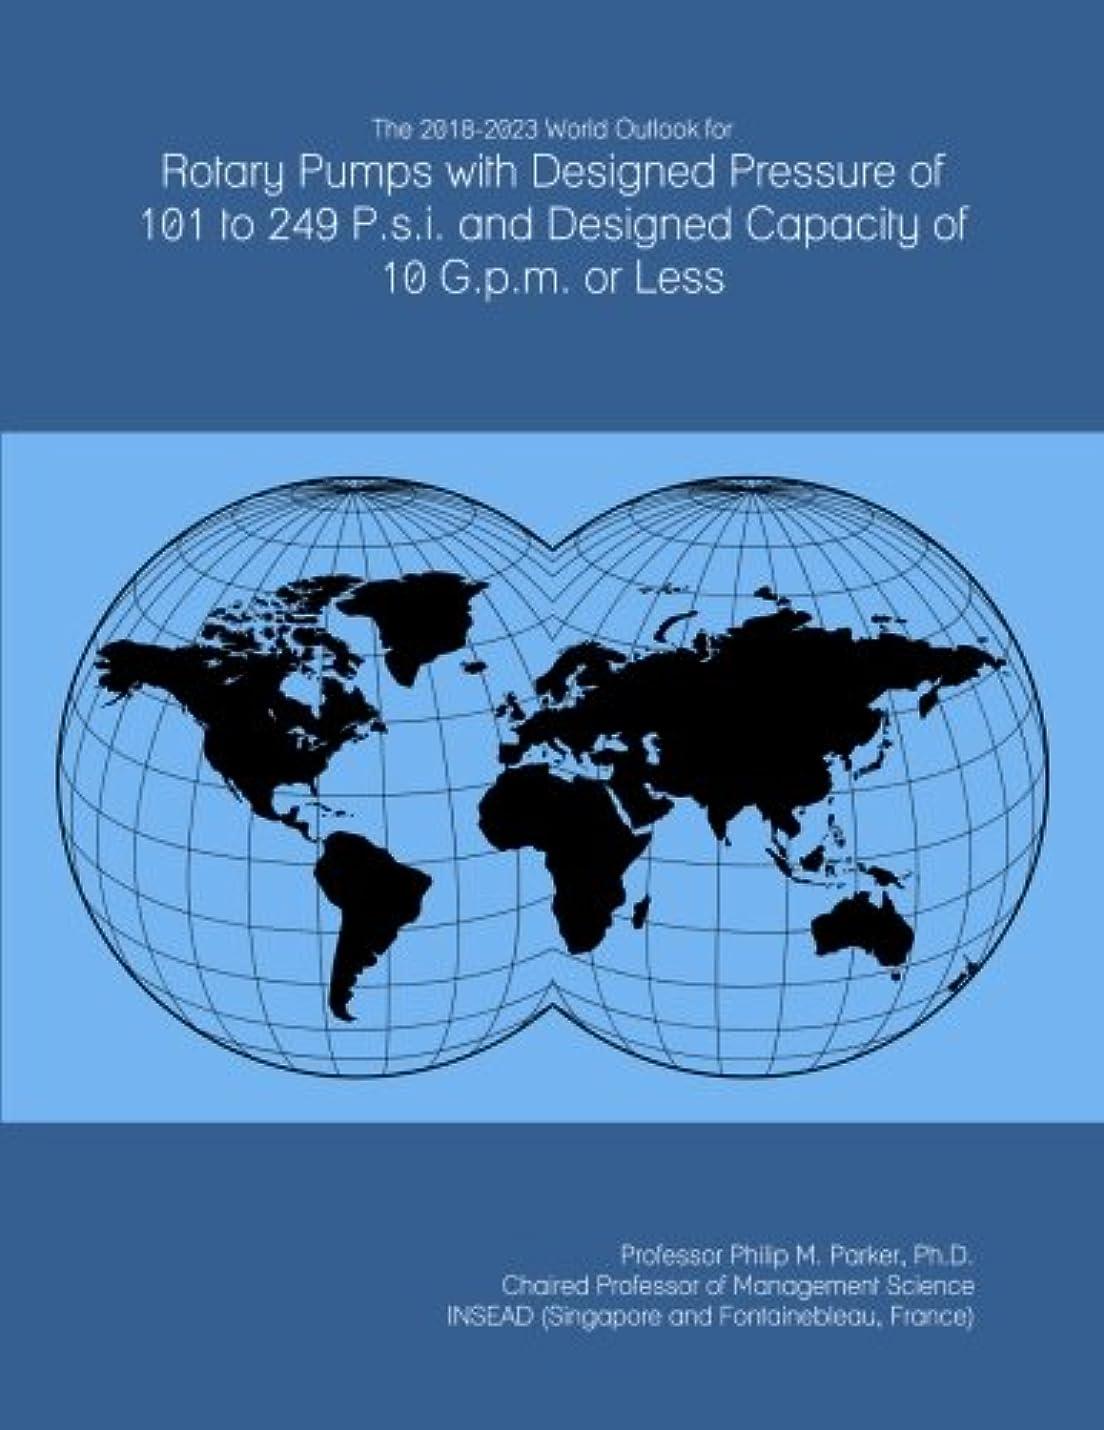 マーベルサイドボード君主制The 2018-2023 World Outlook for Rotary Pumps with Designed Pressure of 101 to 249 P.s.i. and Designed Capacity of 10 G.p.m. or Less